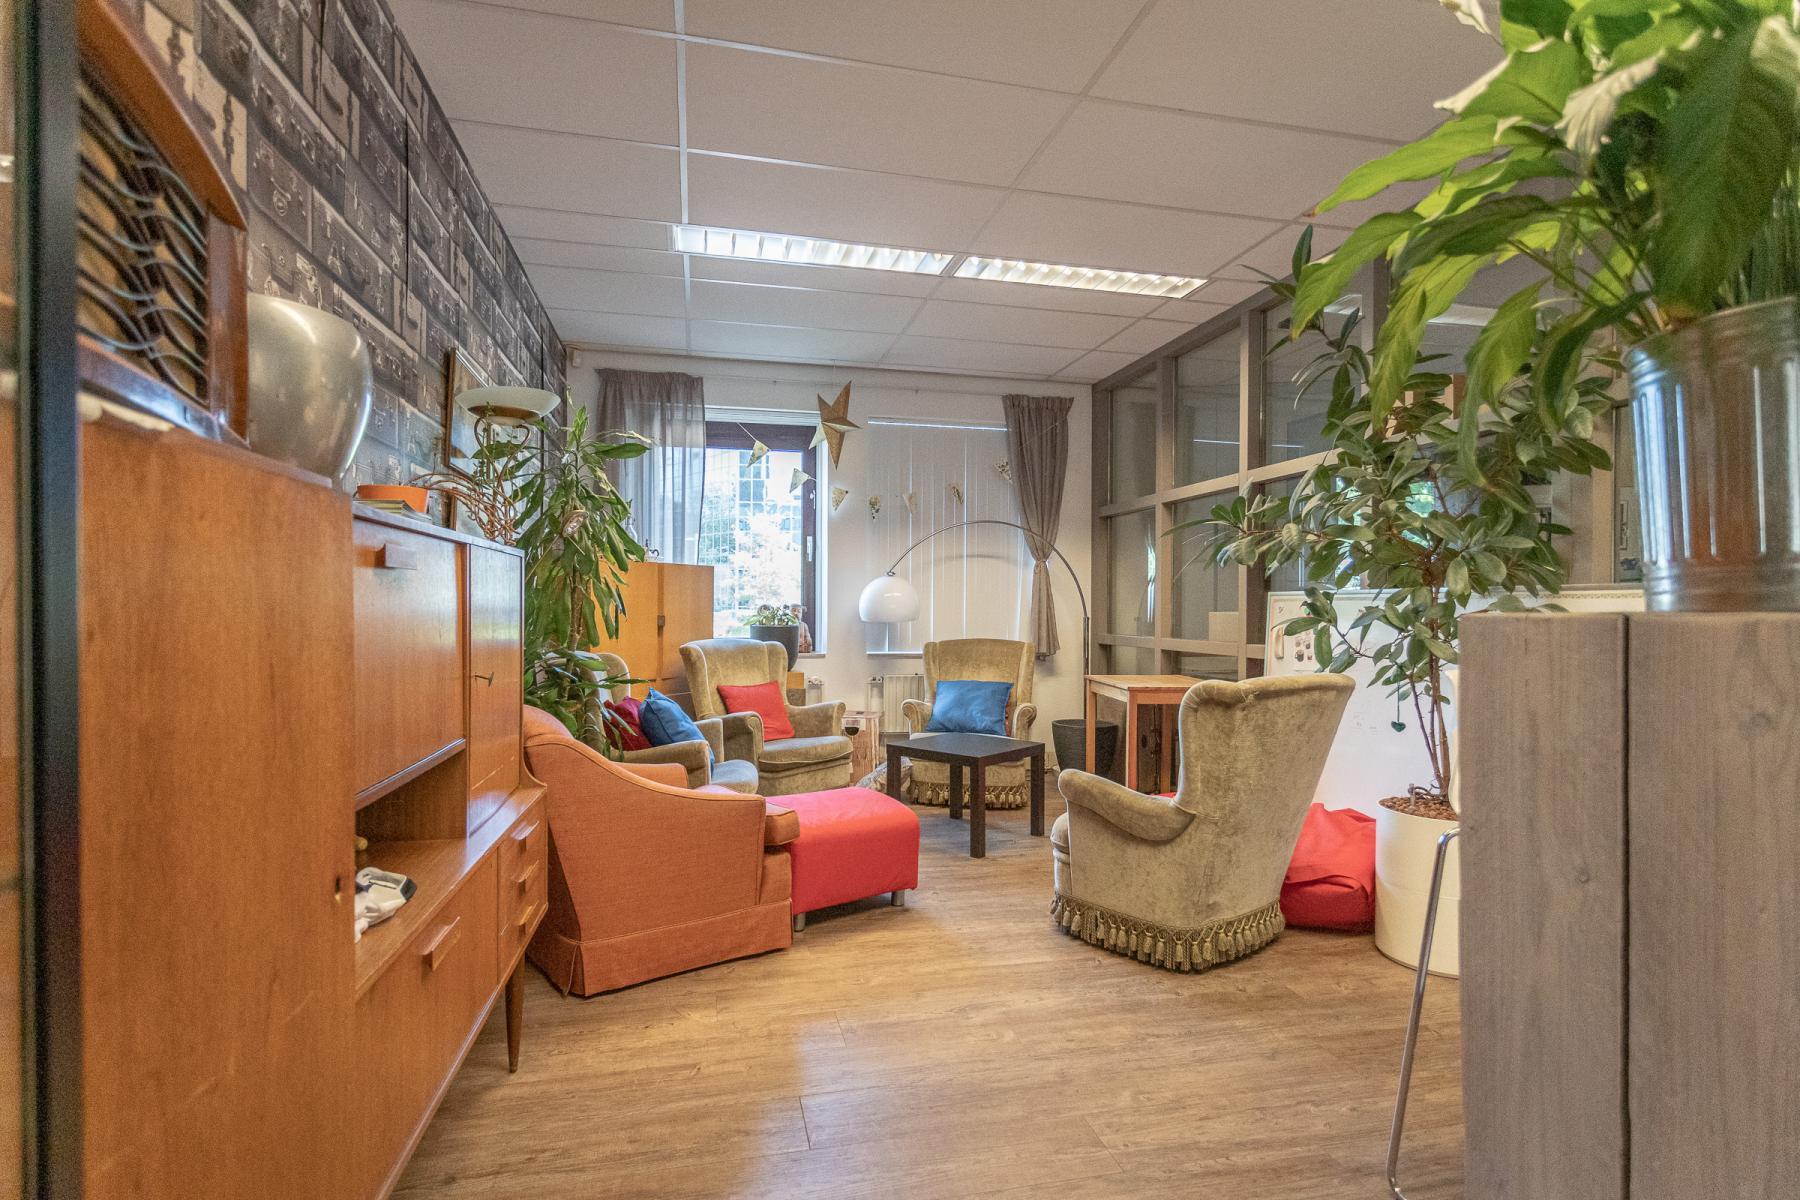 Kantoorruimte  huren Kanaalpark 157, Leiden (7)